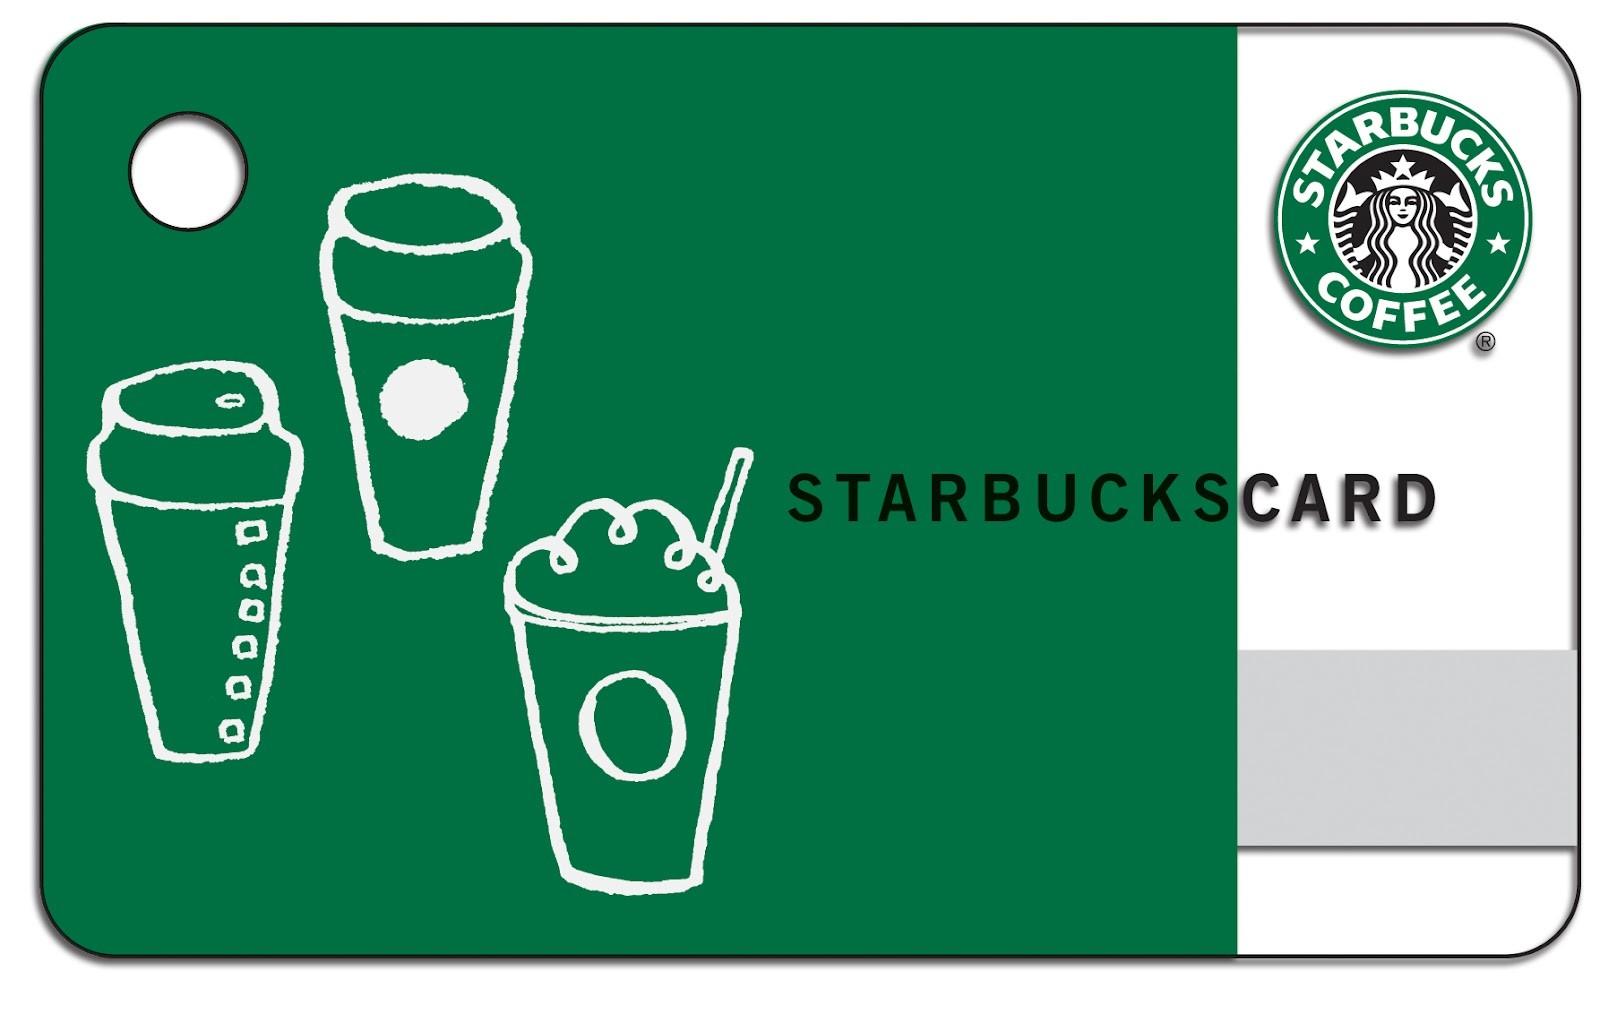 starbucks-gift-card.jpg